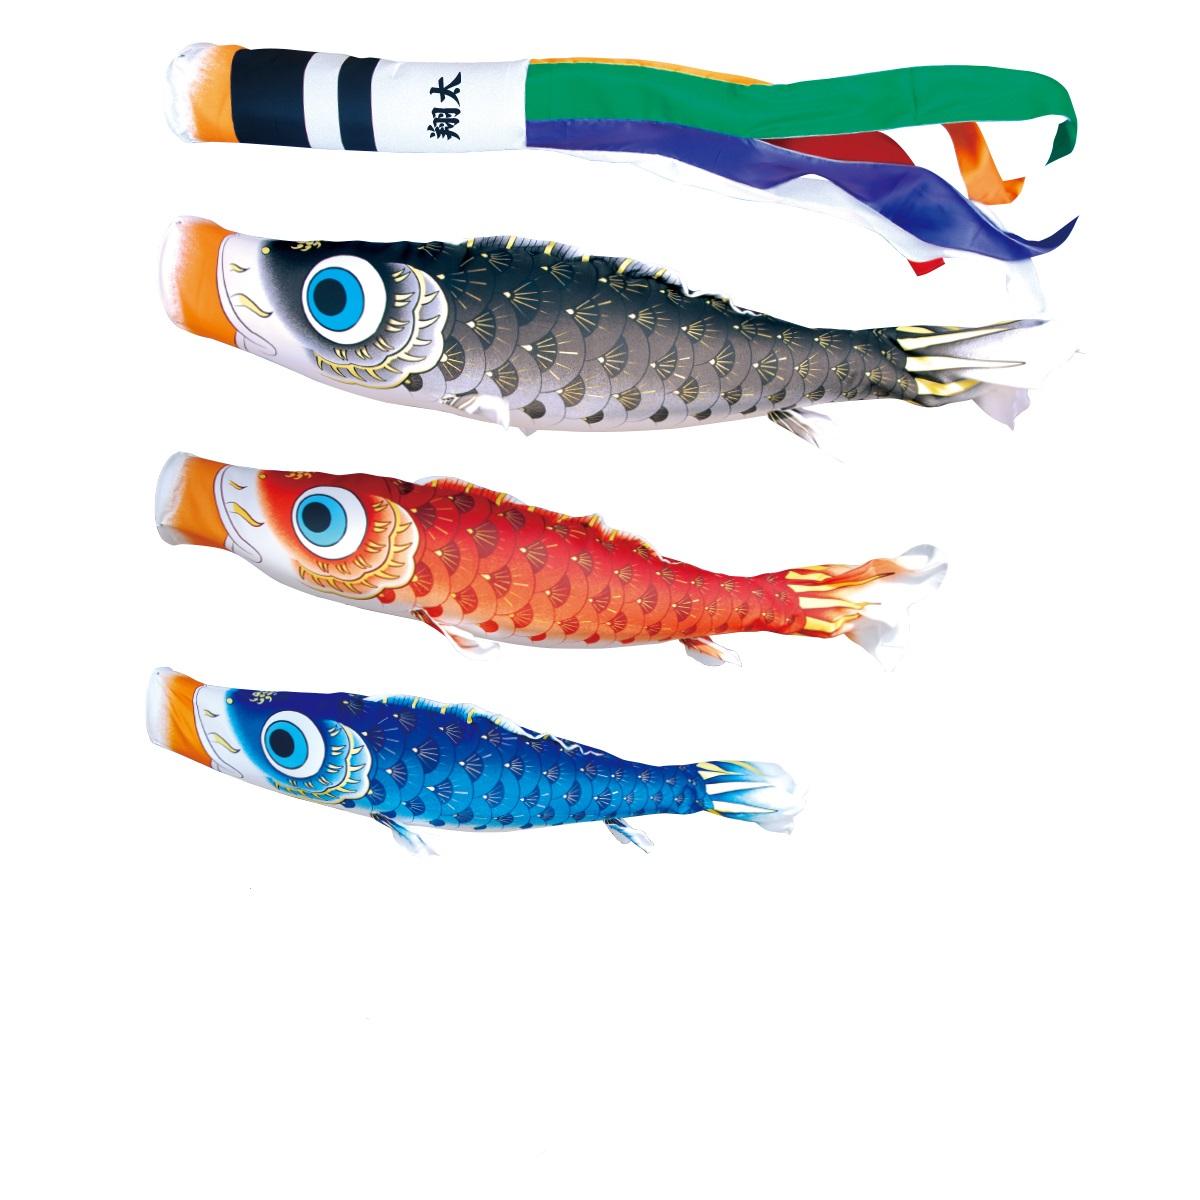 庭園用 こいのぼり夢はるか5m6点セット(こいのぼり)(徳永鯉)鯉のぼり 鯉幟